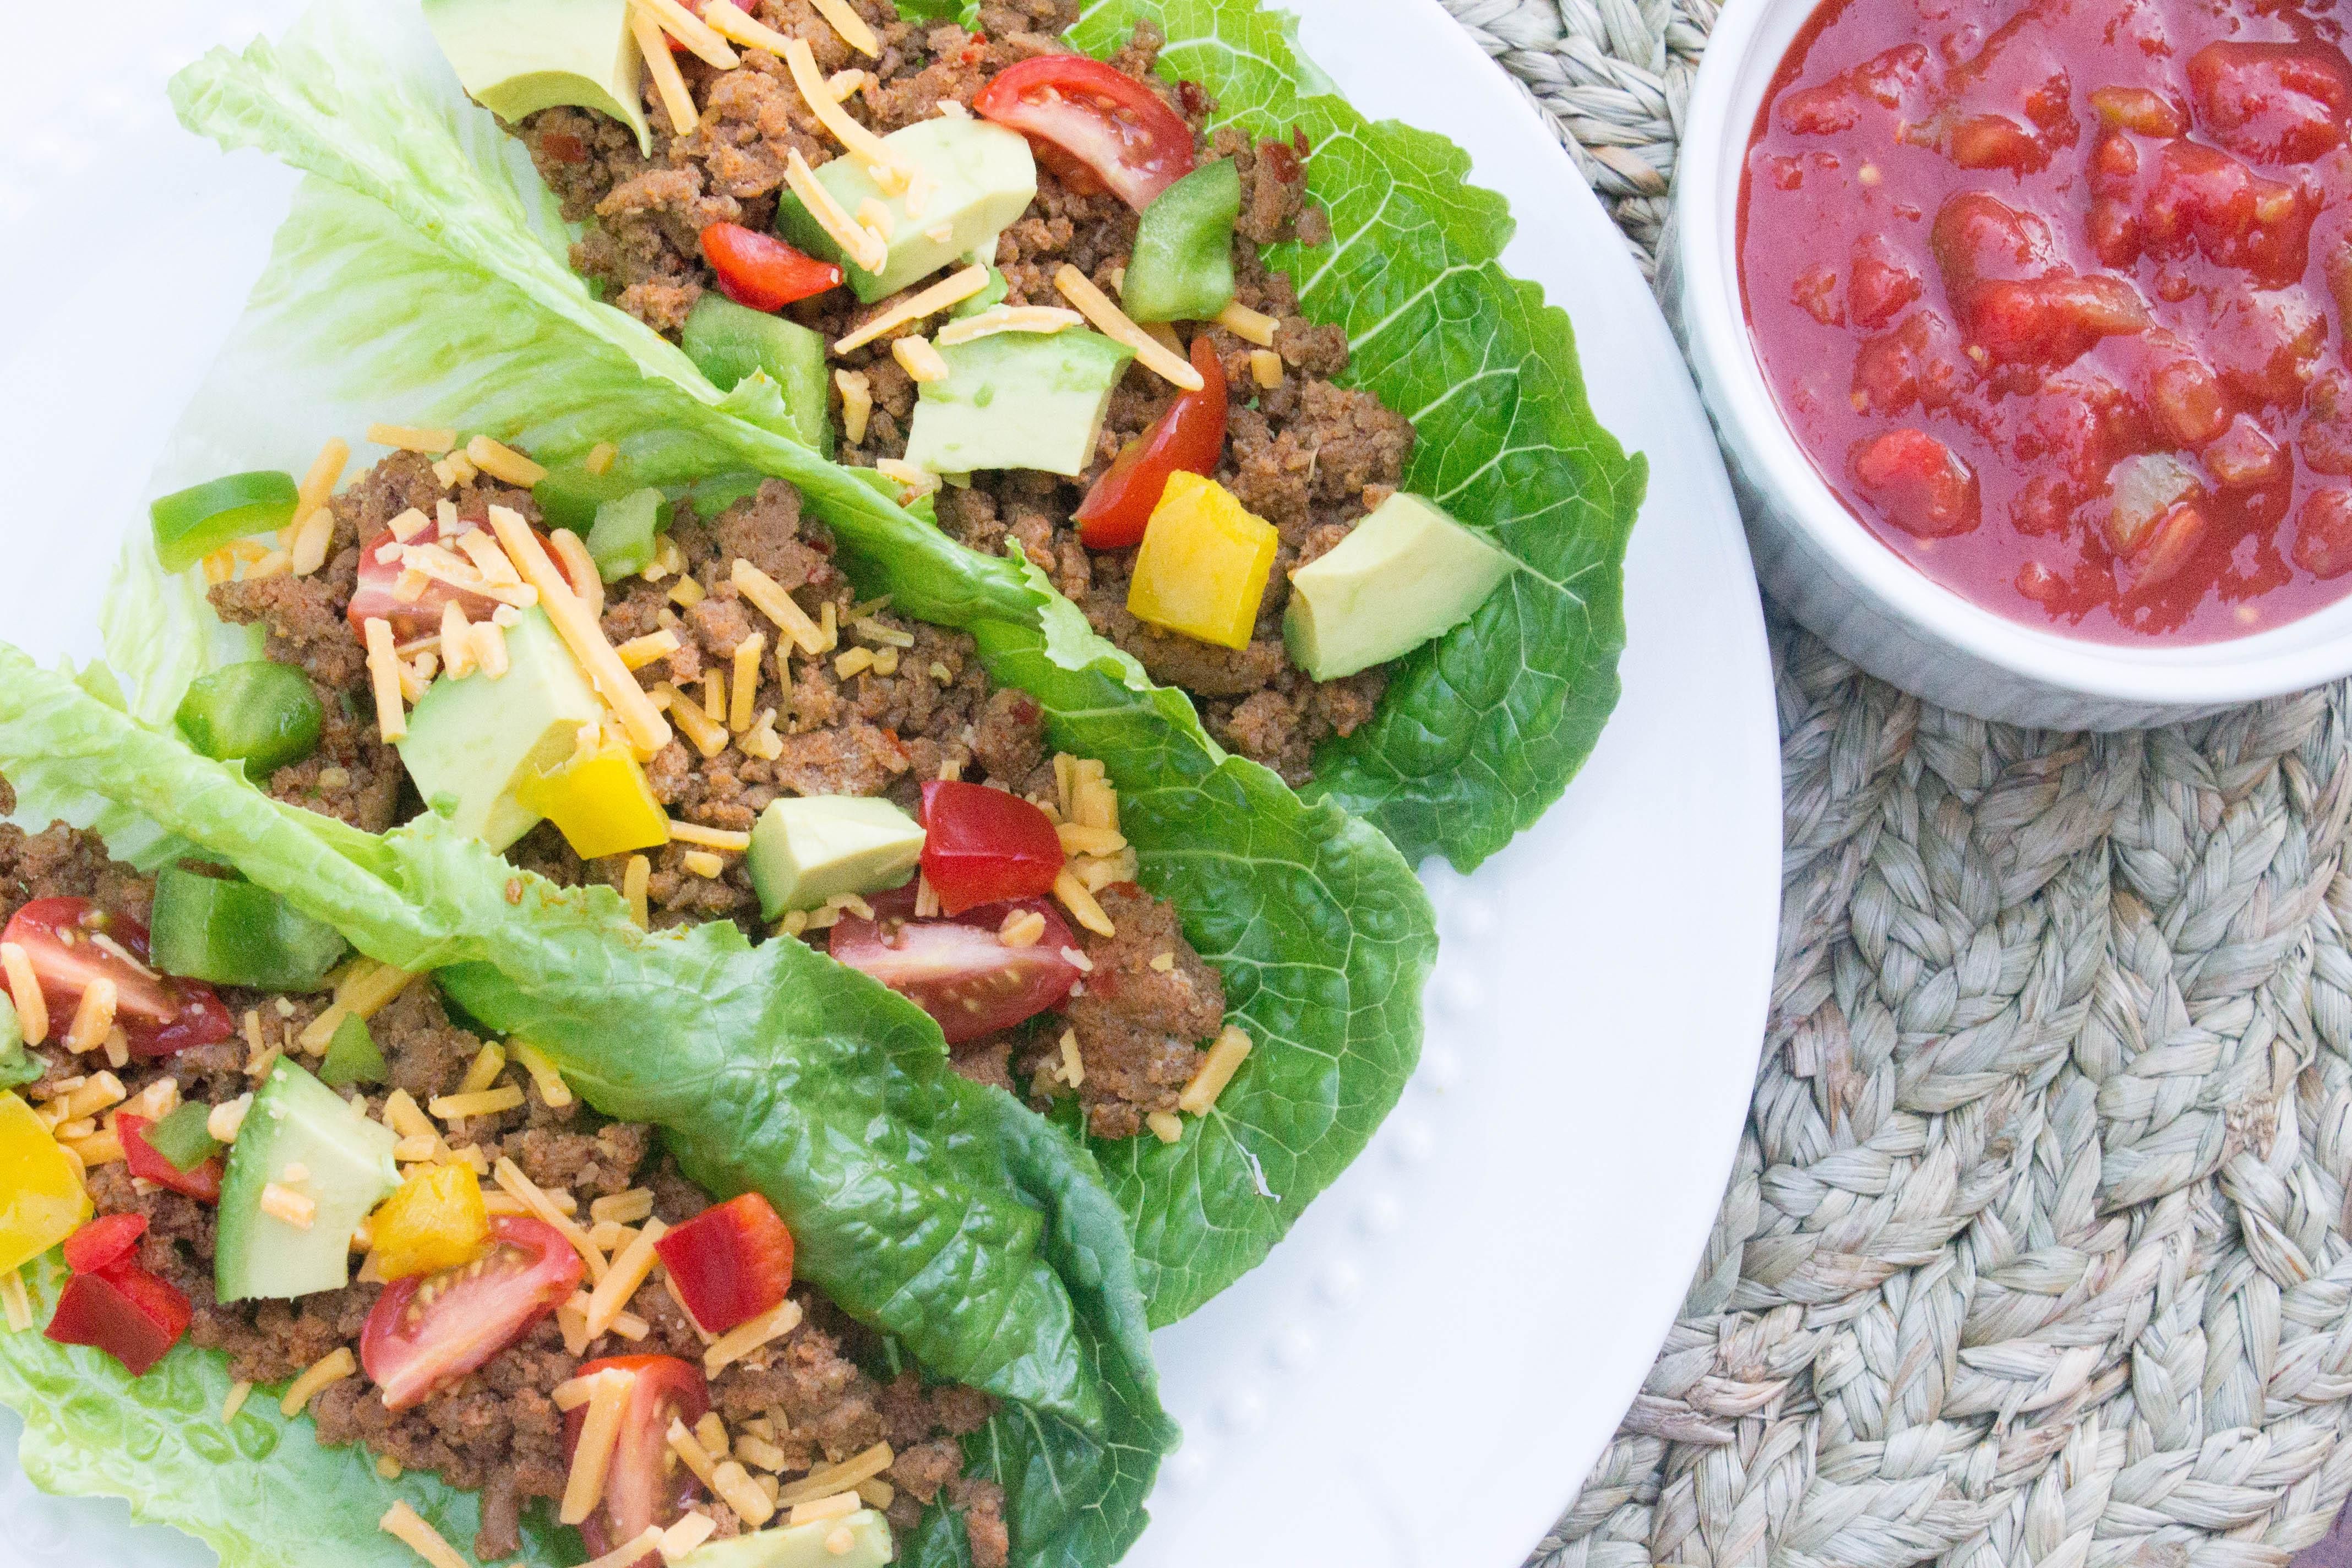 IMG_4802Pasta Salad close up